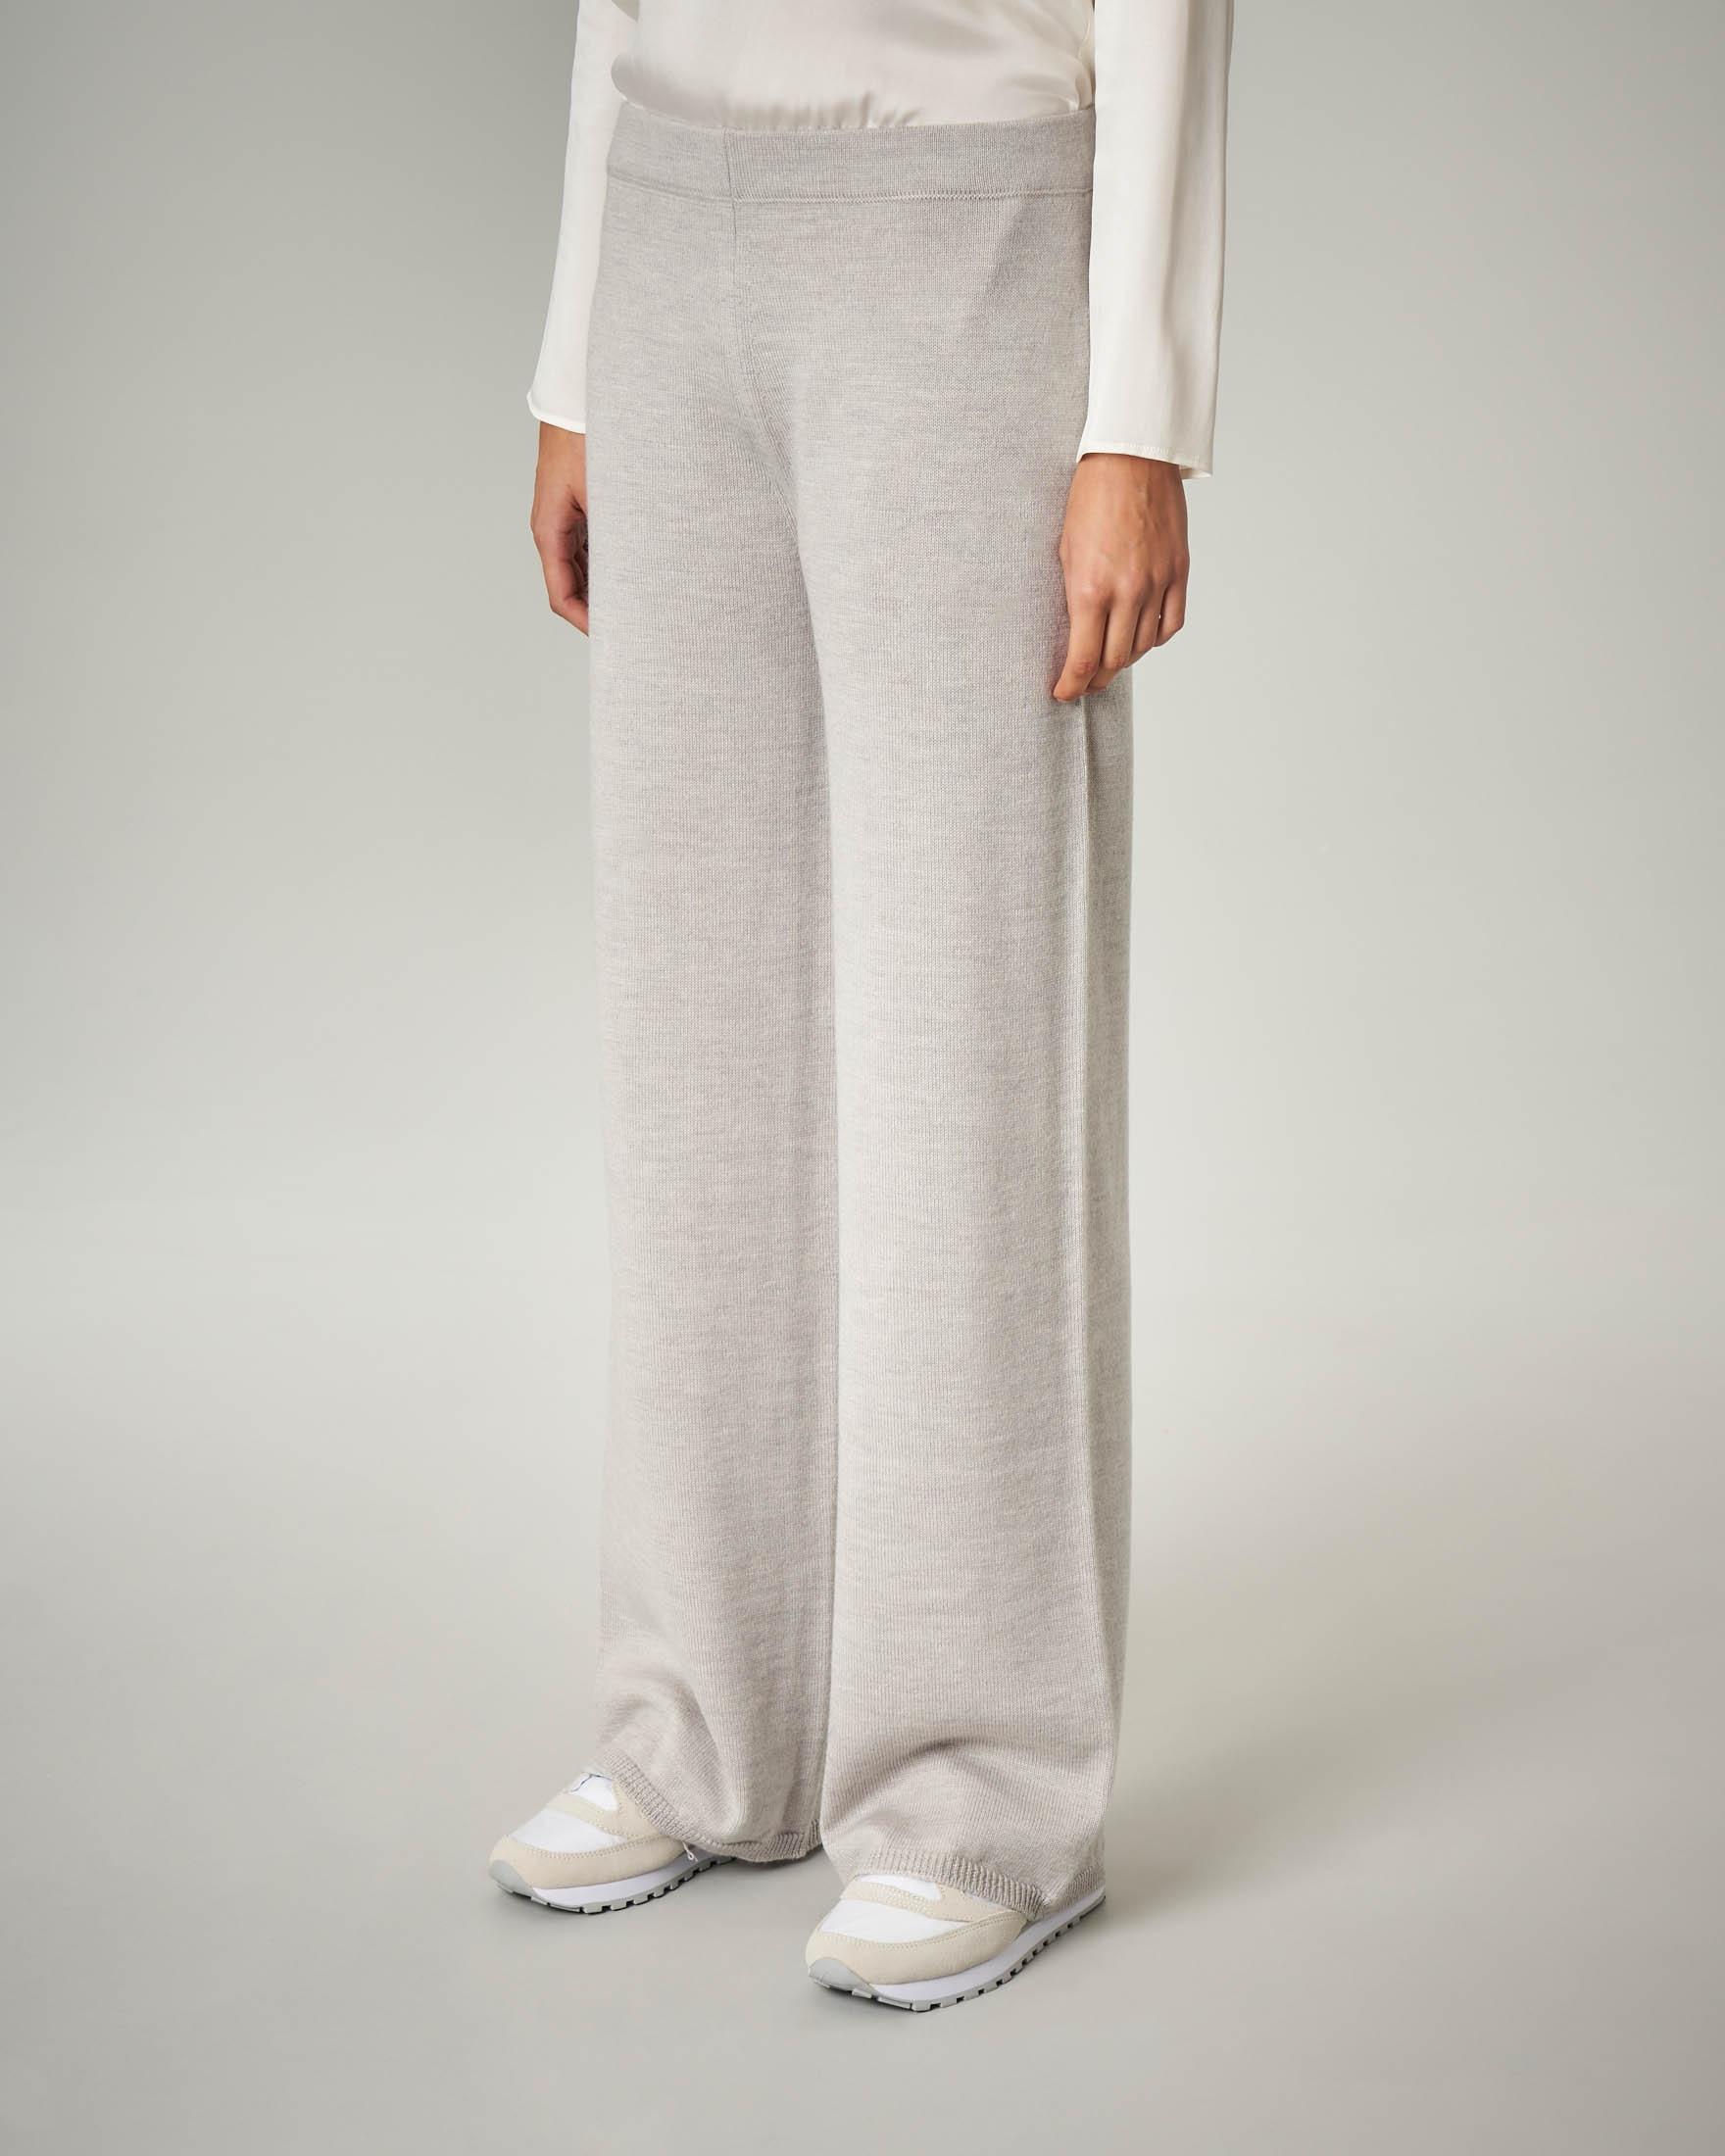 Pantalone palazzo grigio perla in lana